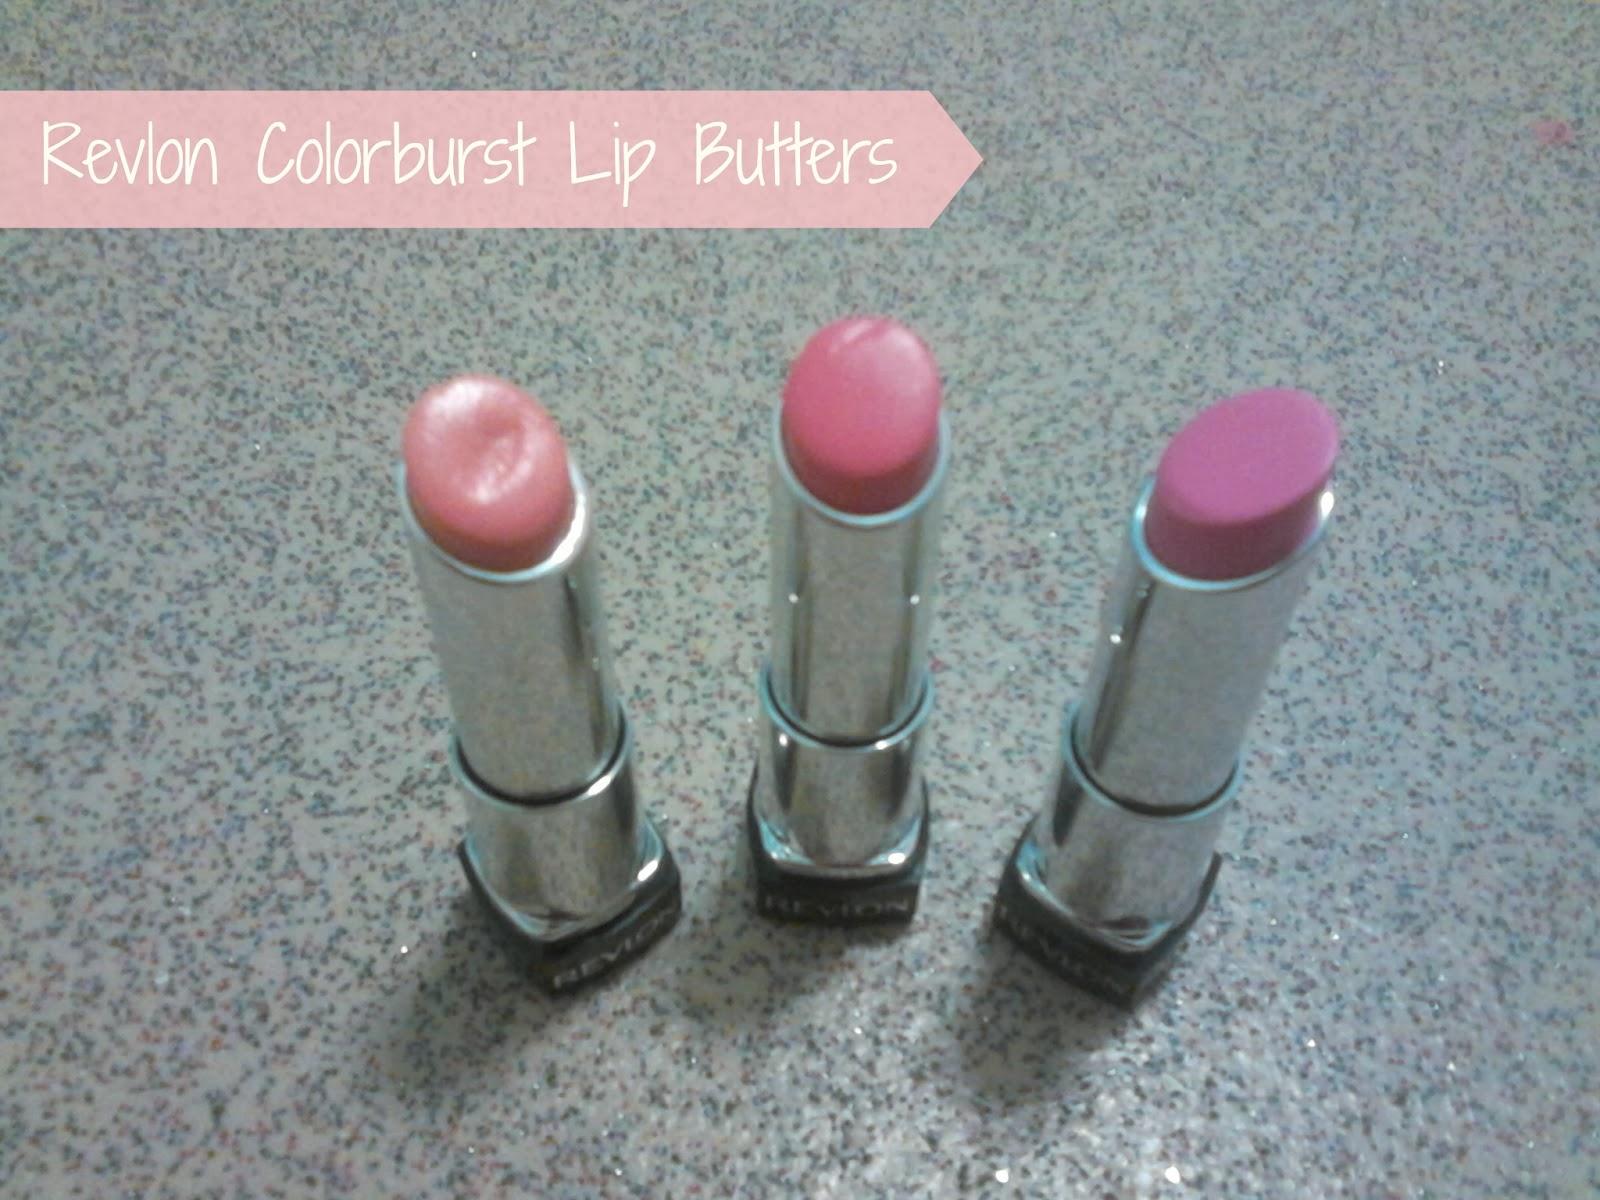 Revlon Colorburst Lip Butters